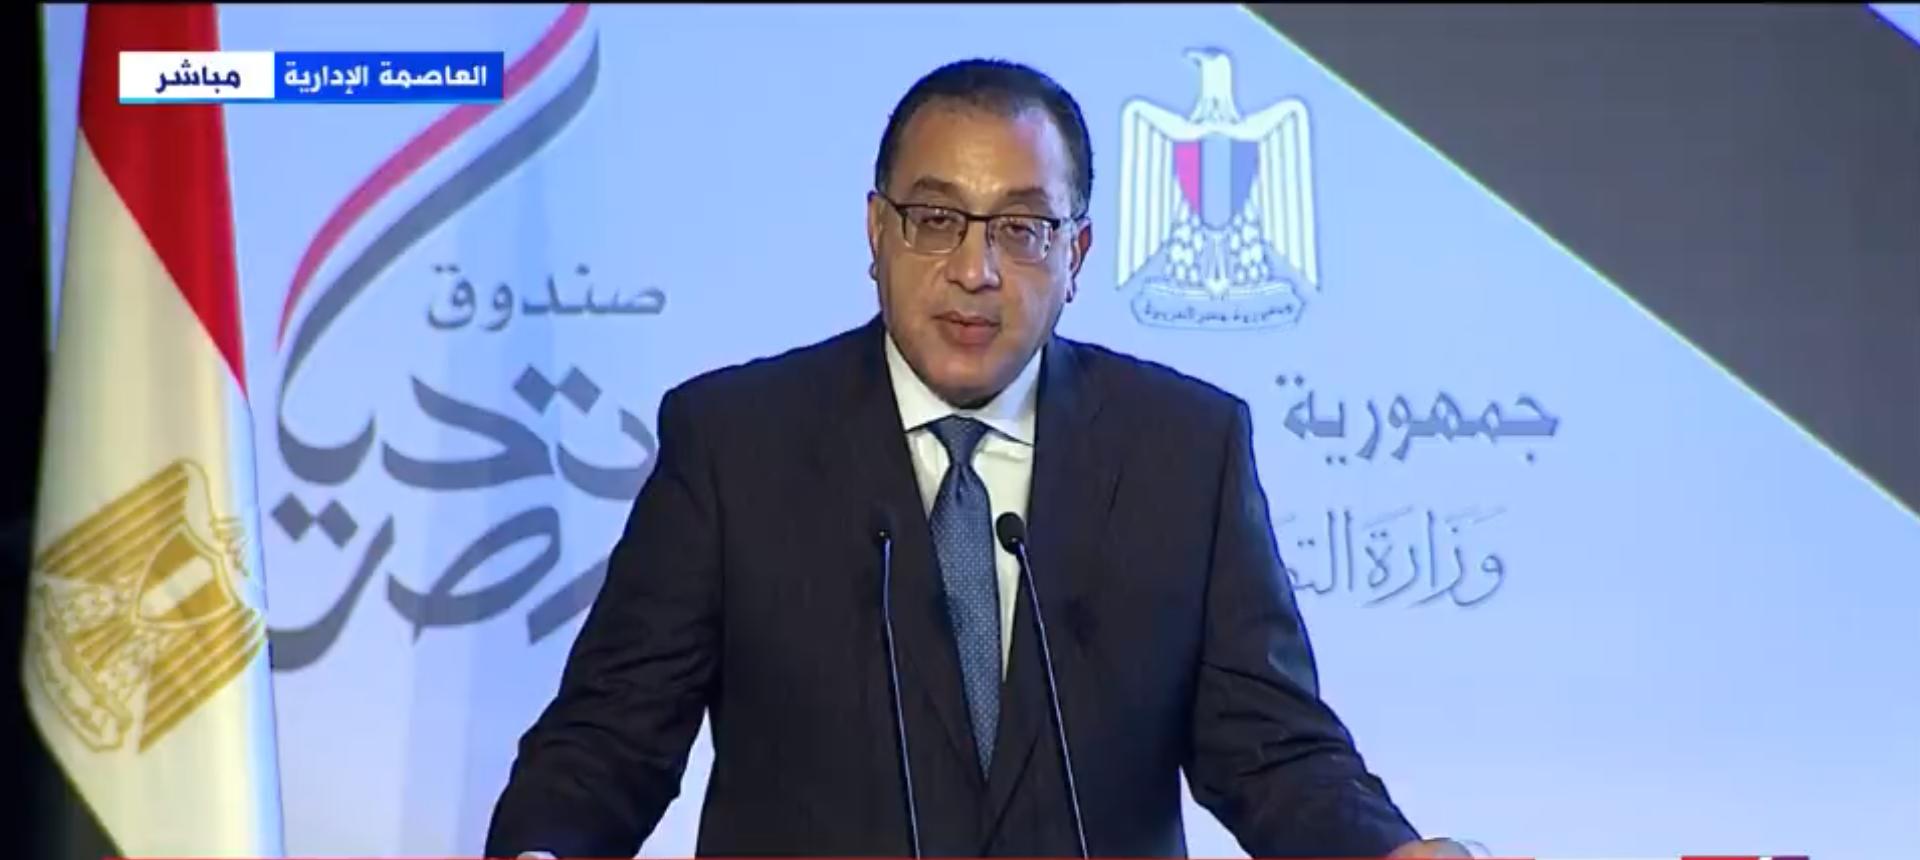 متحدث مجلس الوزراء: إحالة غير الملتزمين بالكمامة لـ محكمة أمن الدولة العليا و3 إجراءات قانونية ضدهم 2